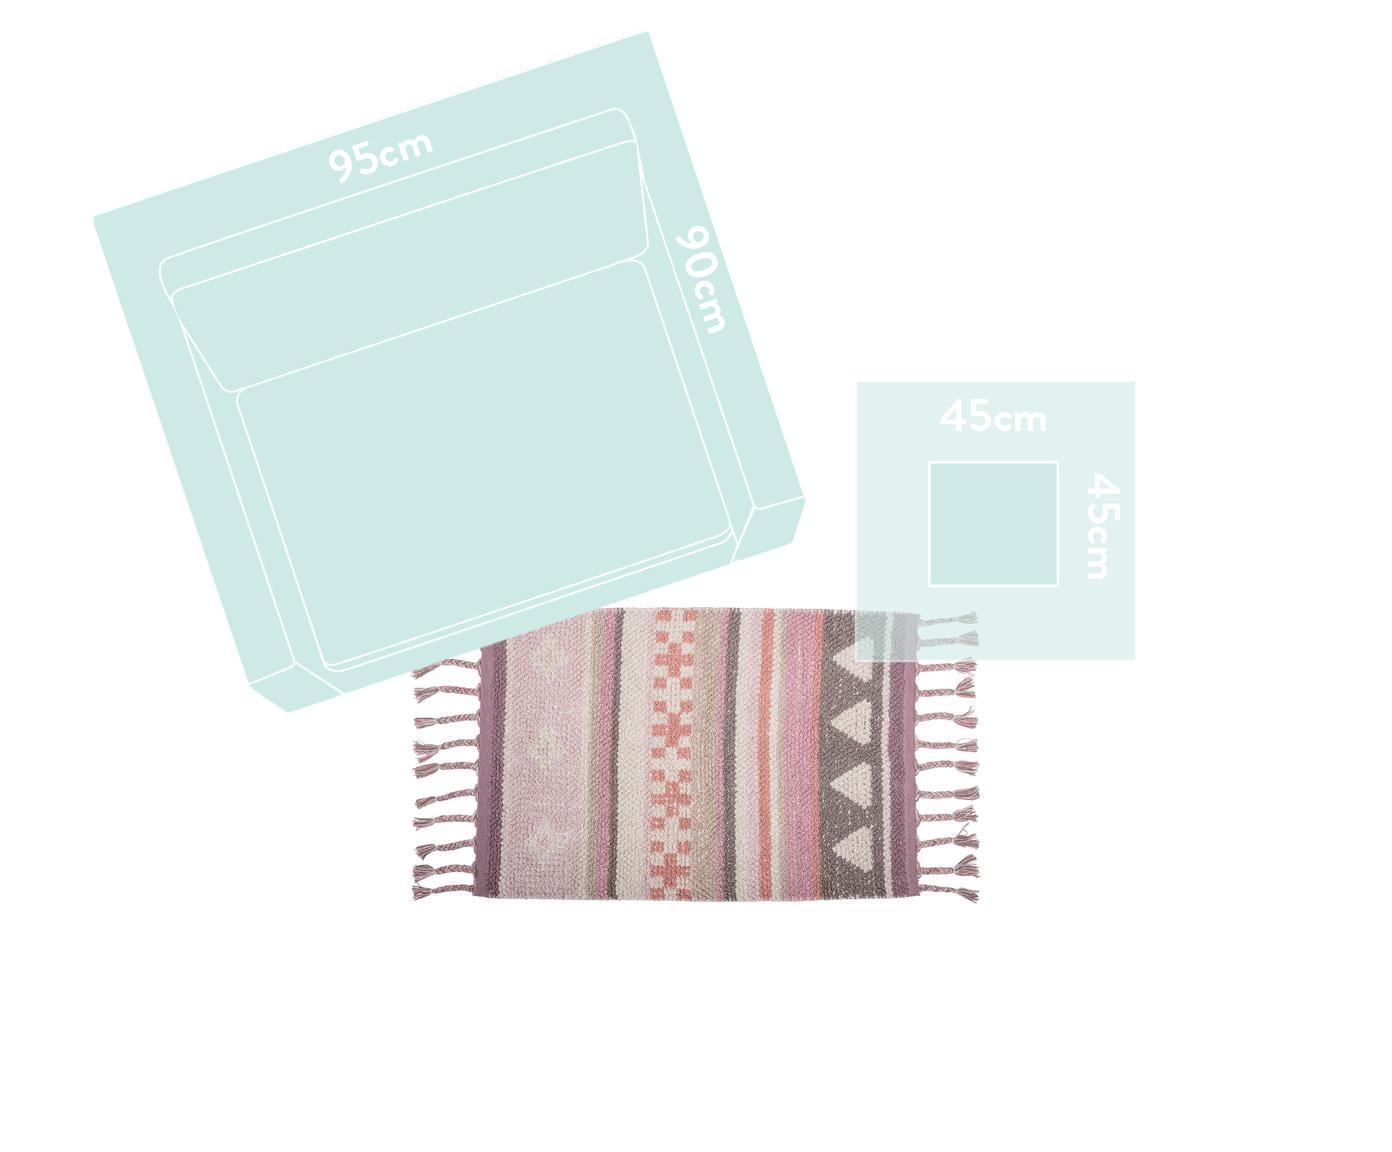 Teppich Nagou, Baumwolle, Rosatöne, Weiß, Beige, 60 x 90 cm